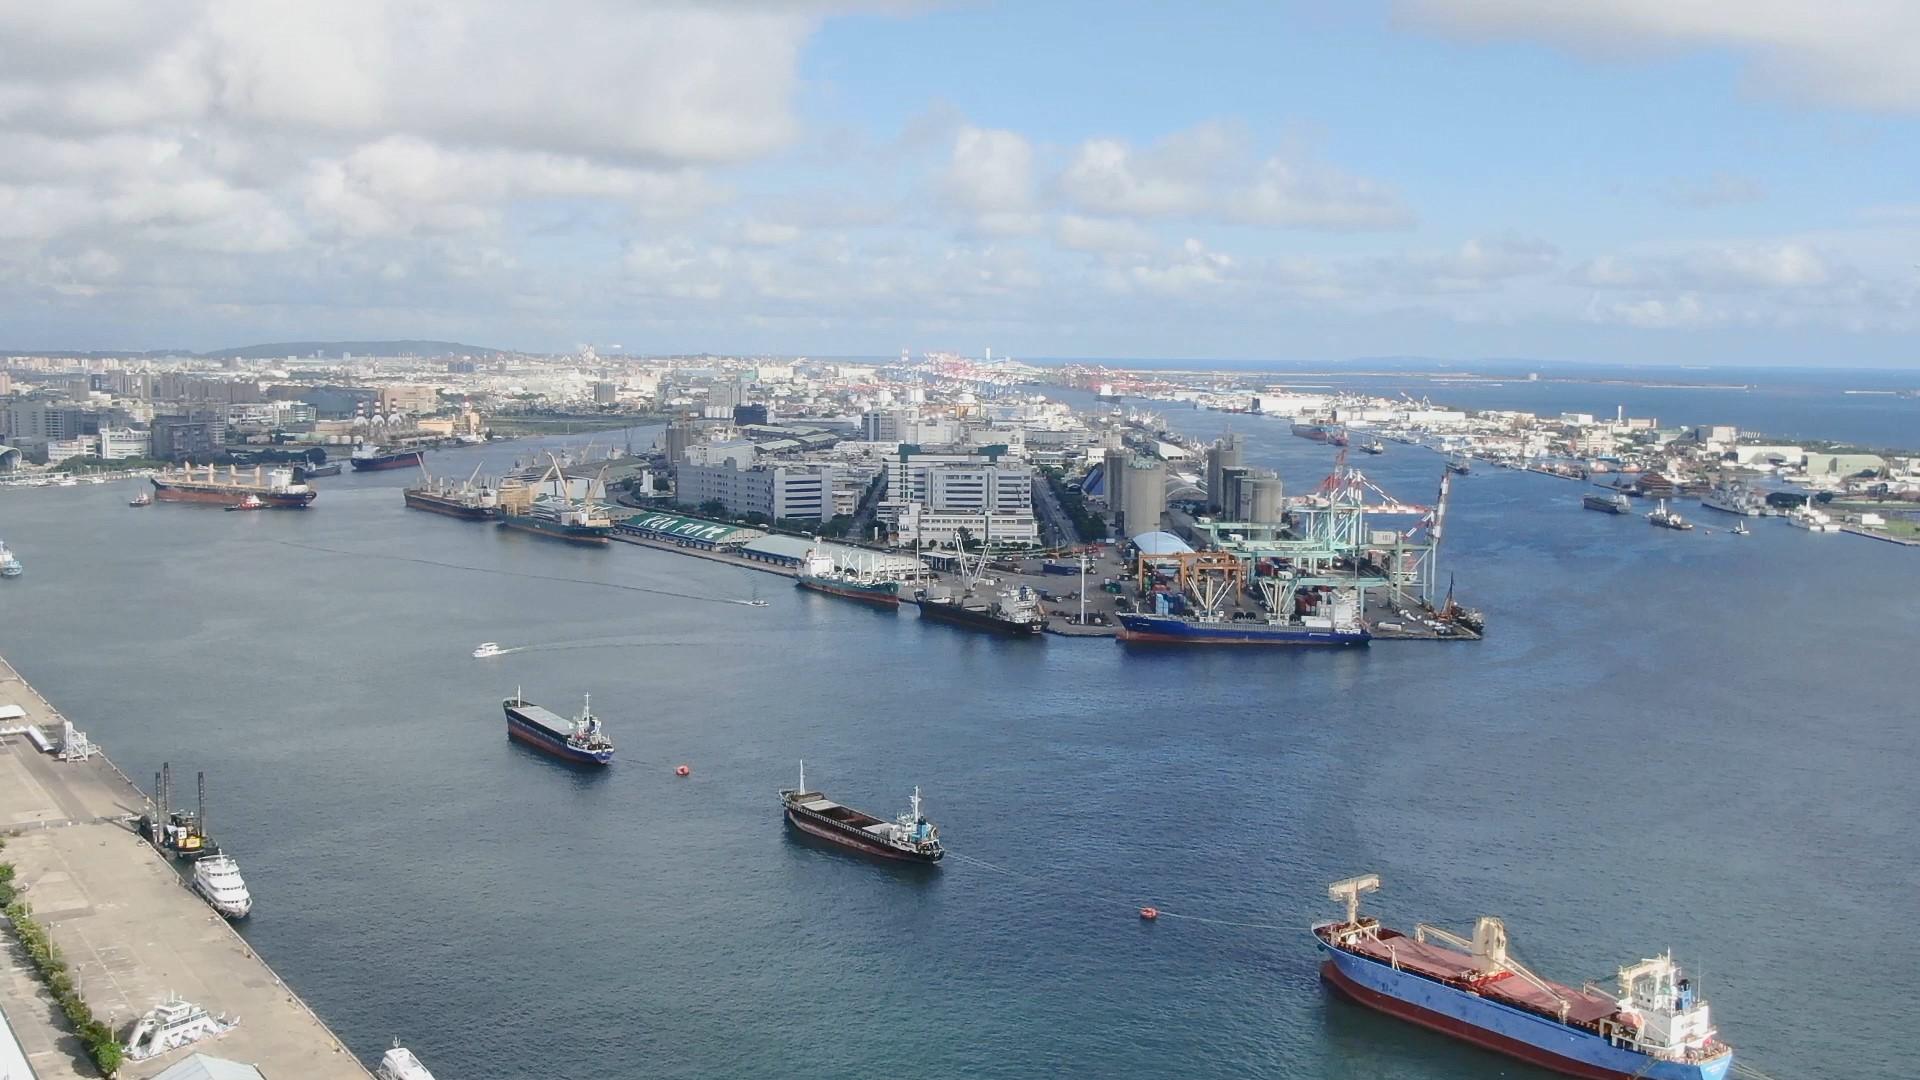 高雄港中島新商港上之中島加工出口區